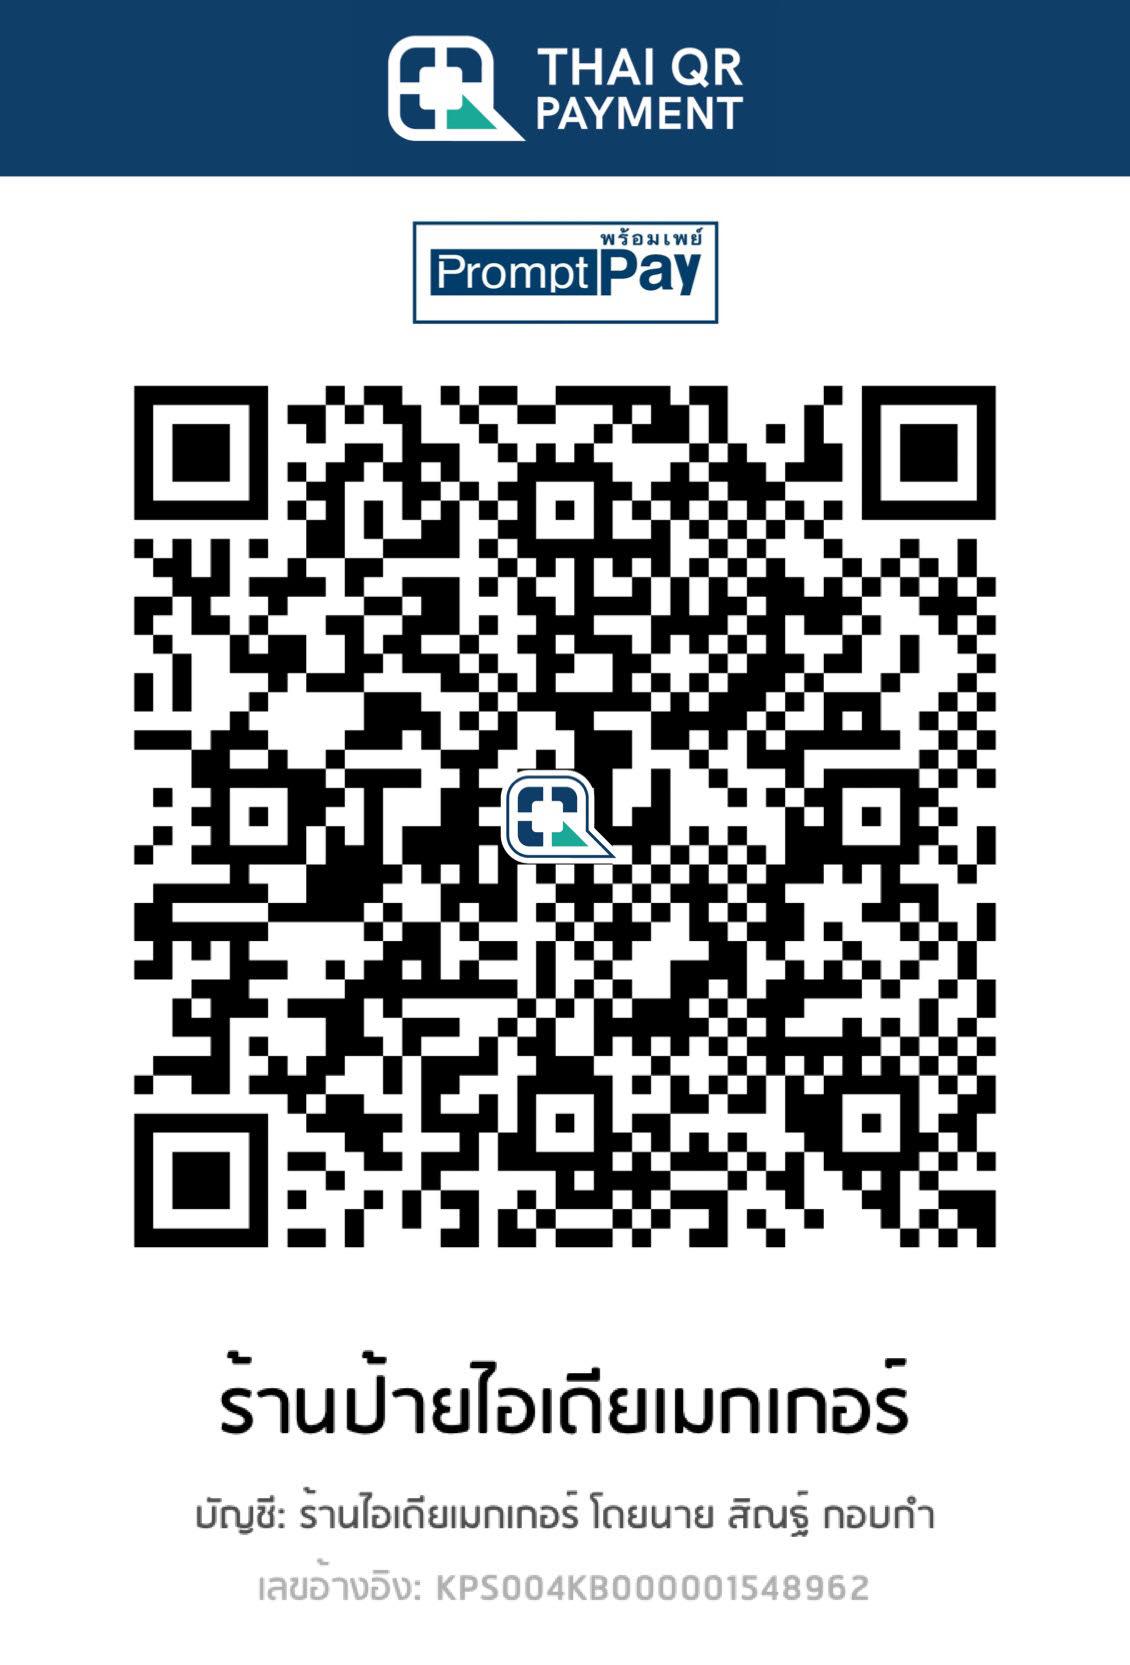 Promtpaycode-1